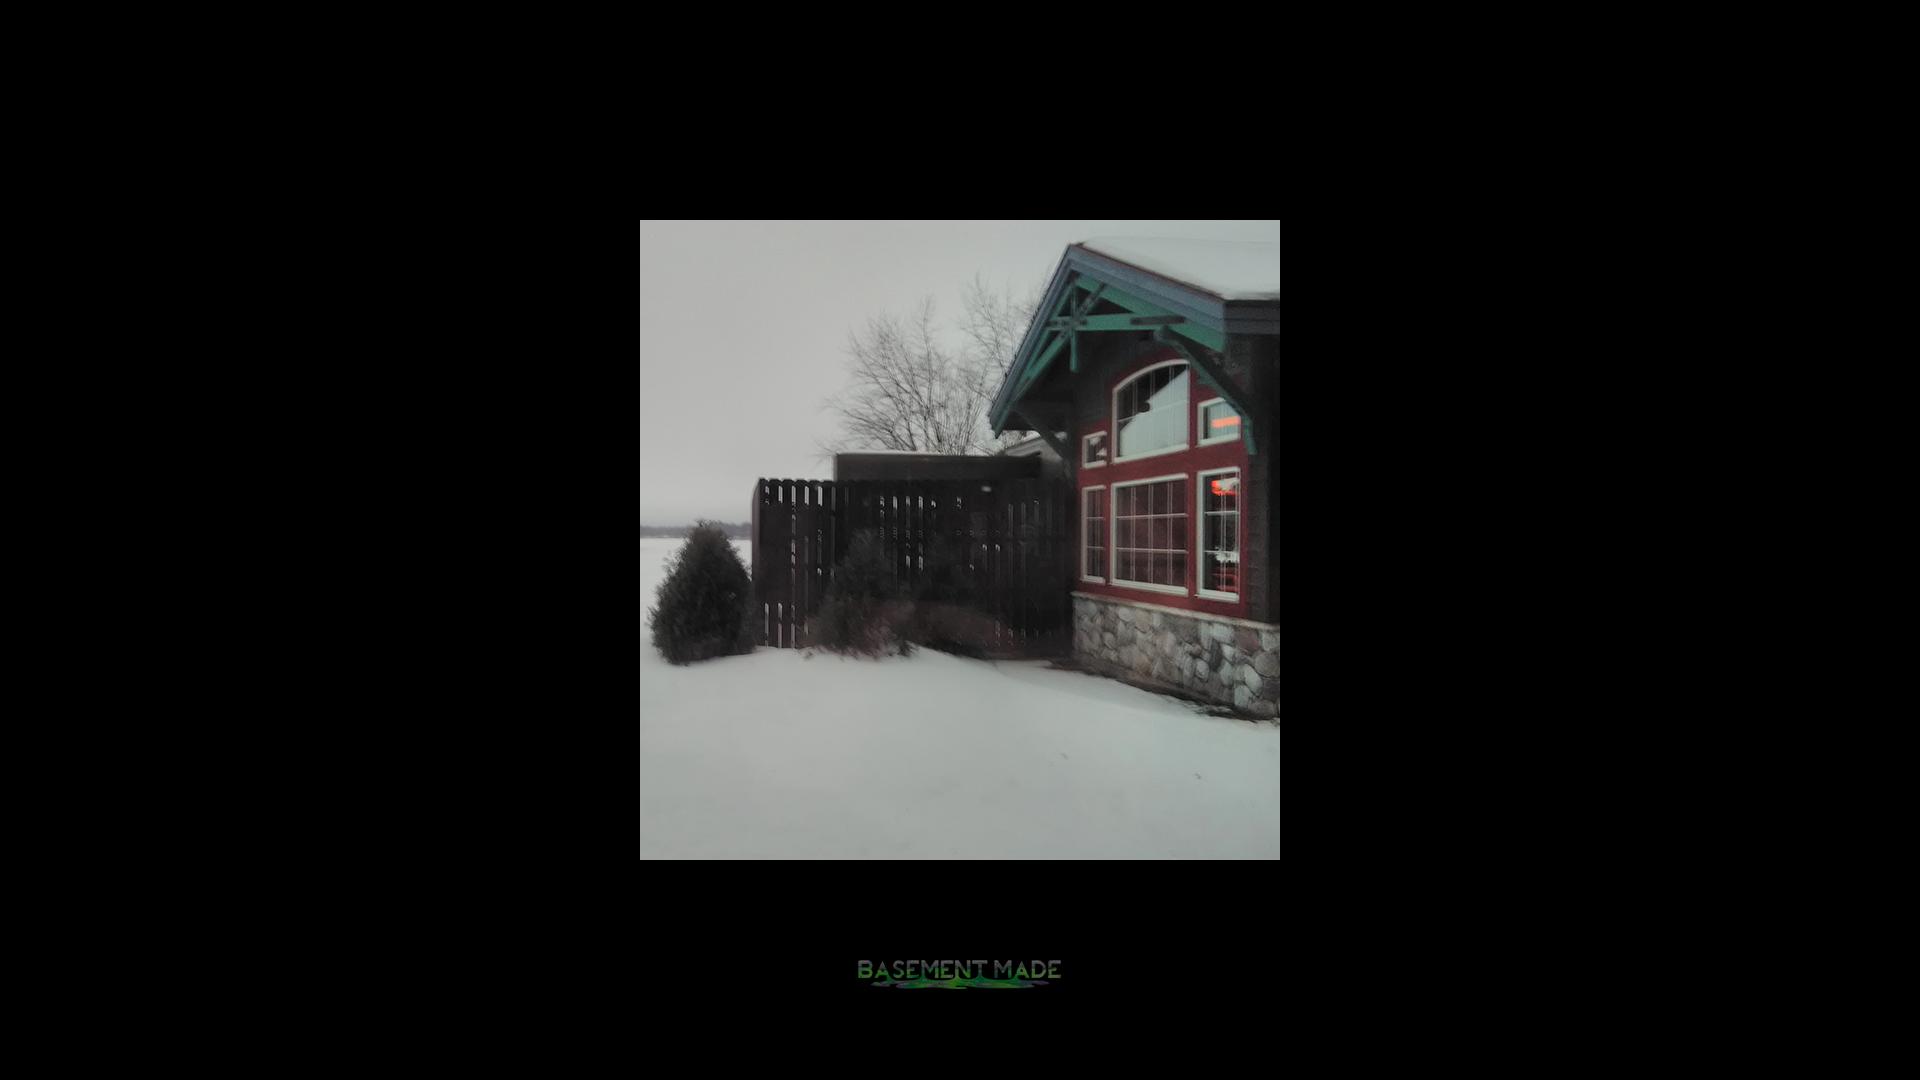 clifton-beef-28-album-art-basement-made